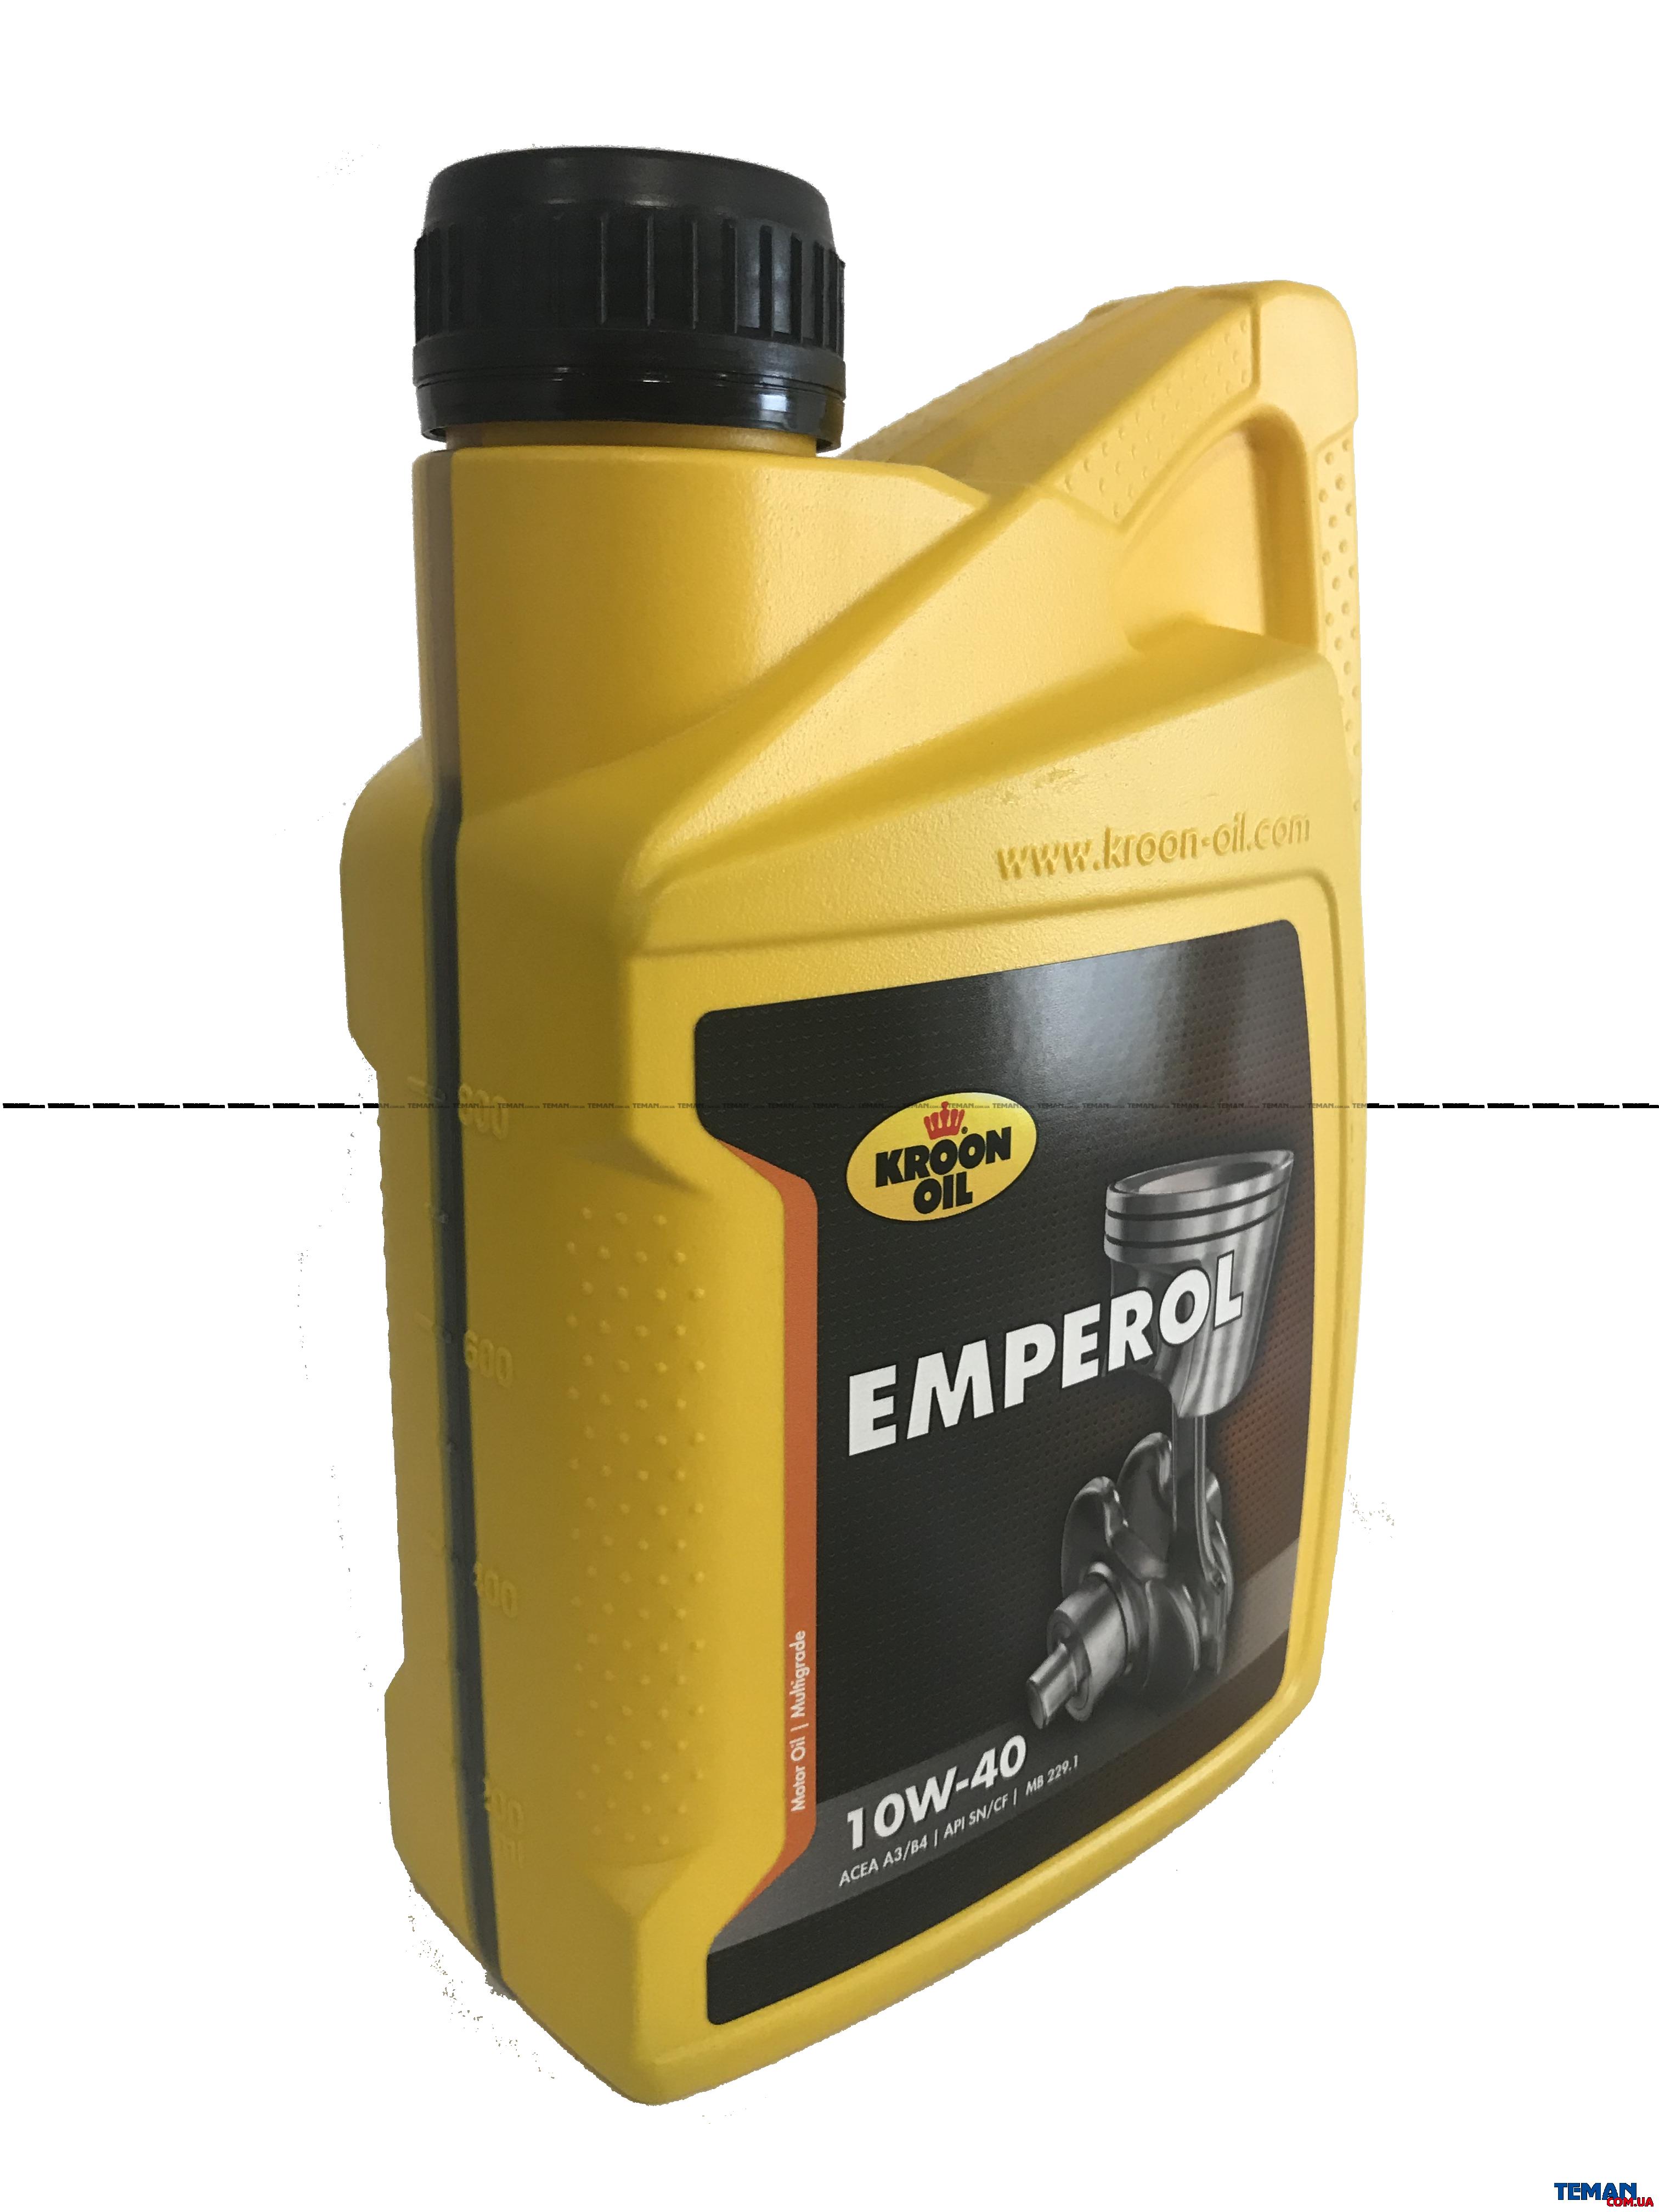 Универсальное моторное масло EMPEROL 10W-40, 1л